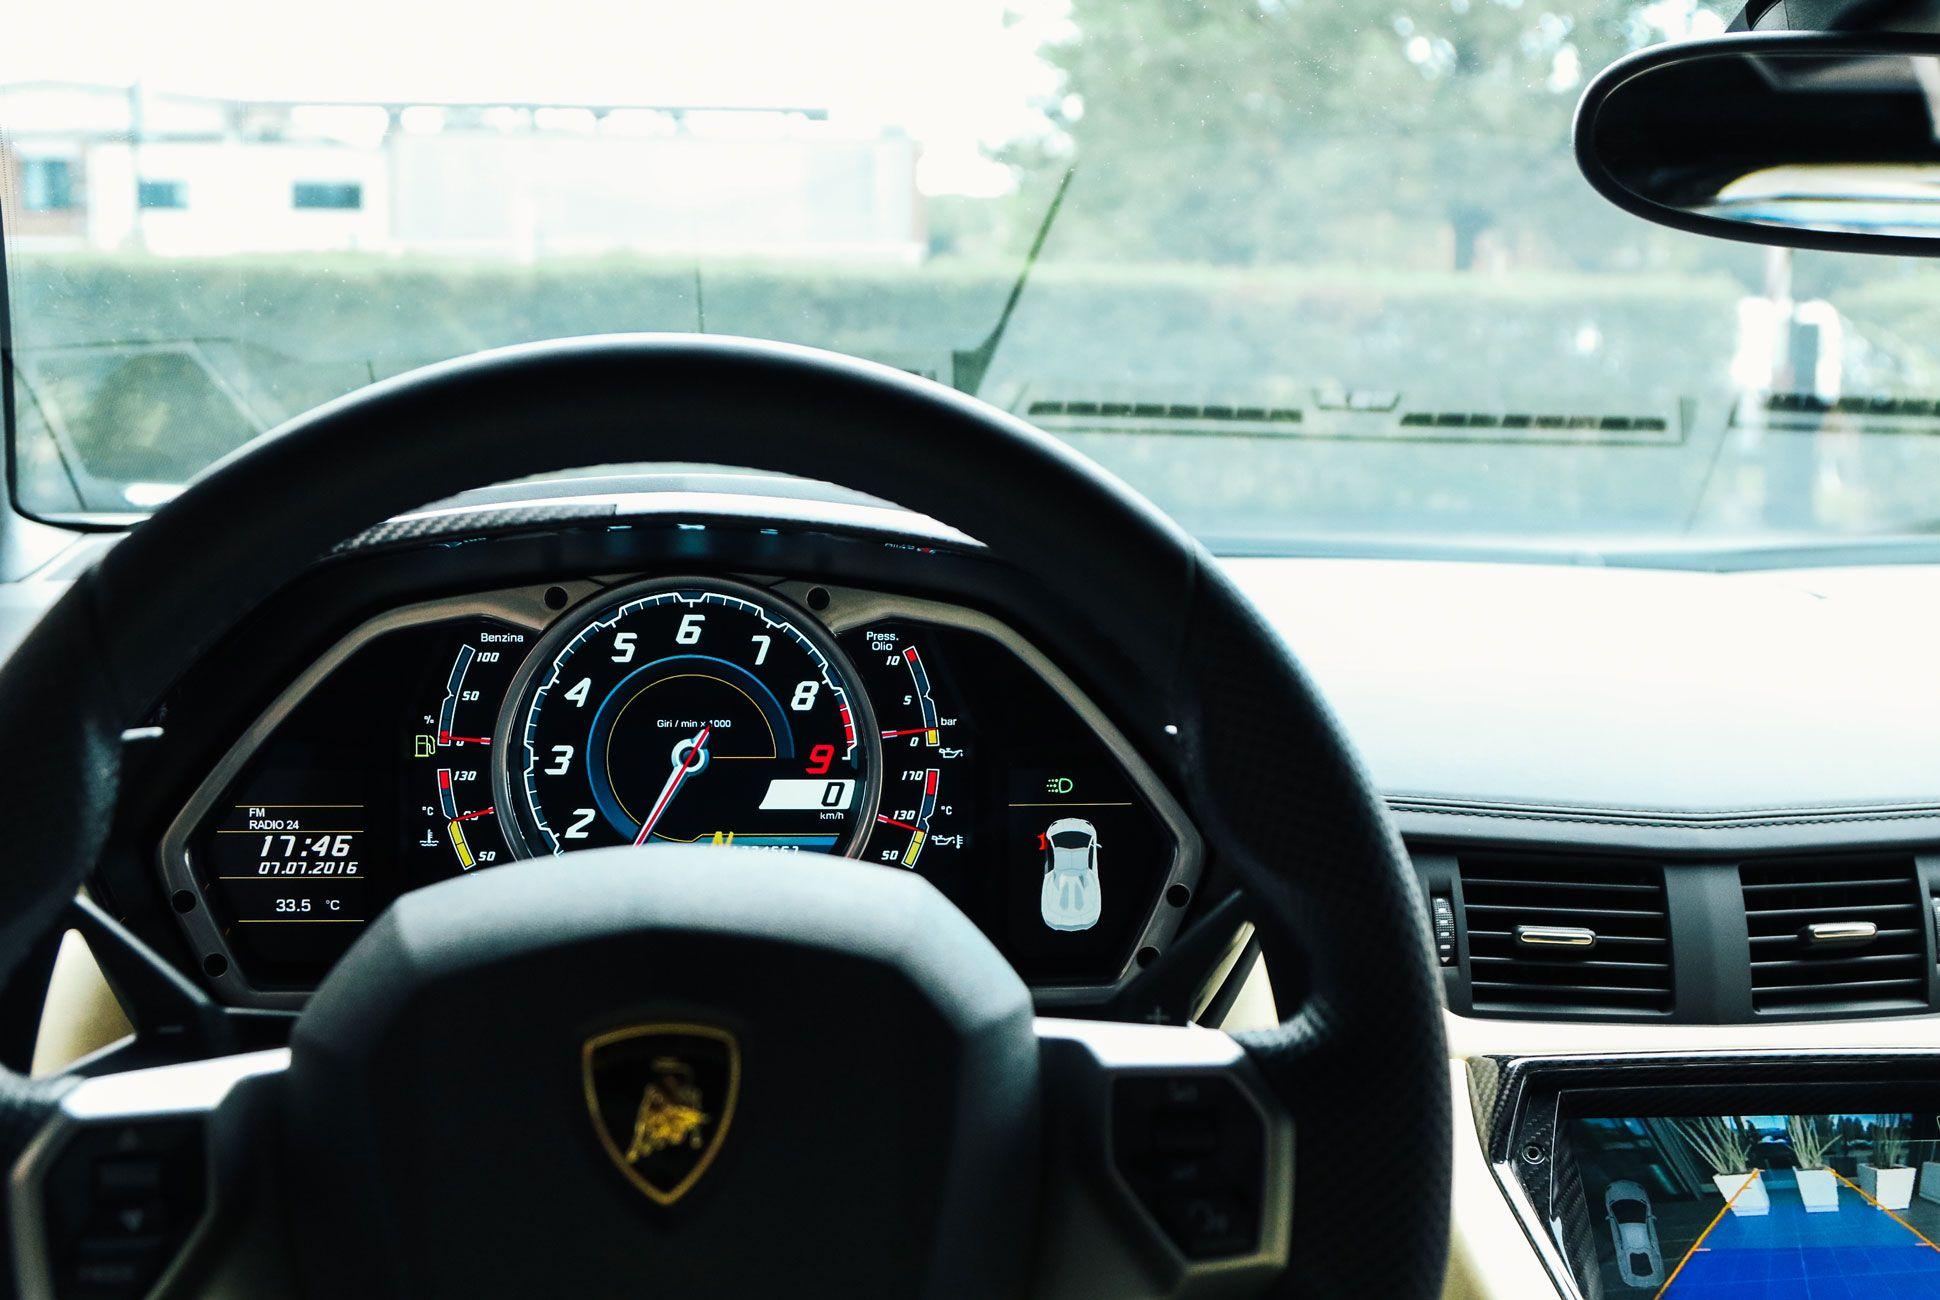 Lamborghini-Aventador-Roadster-Gear-Patrol-Slide-7